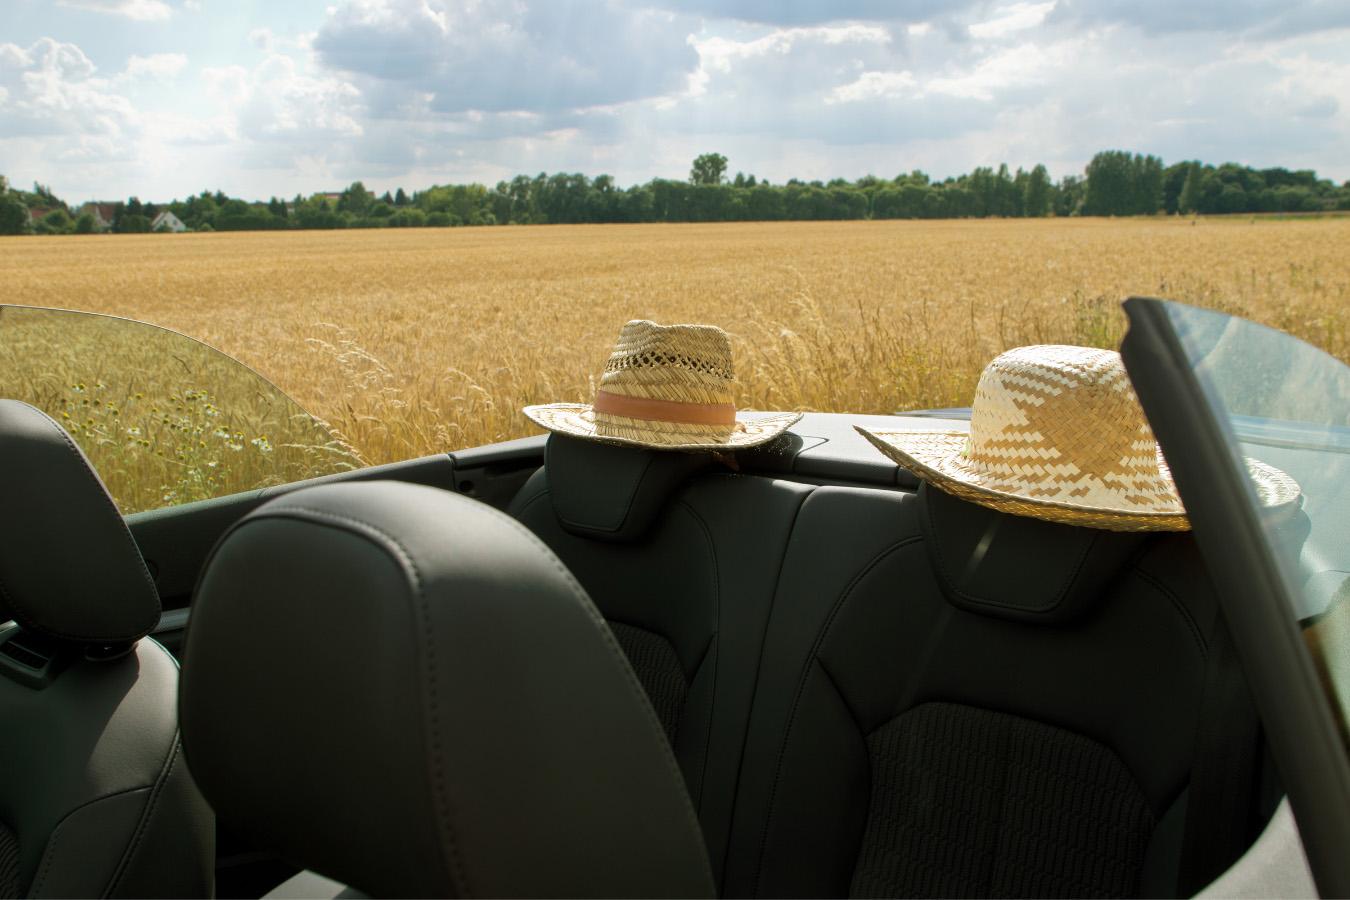 Cómo proteger el coche del calor este verano. 5 consejos para su cuidado.